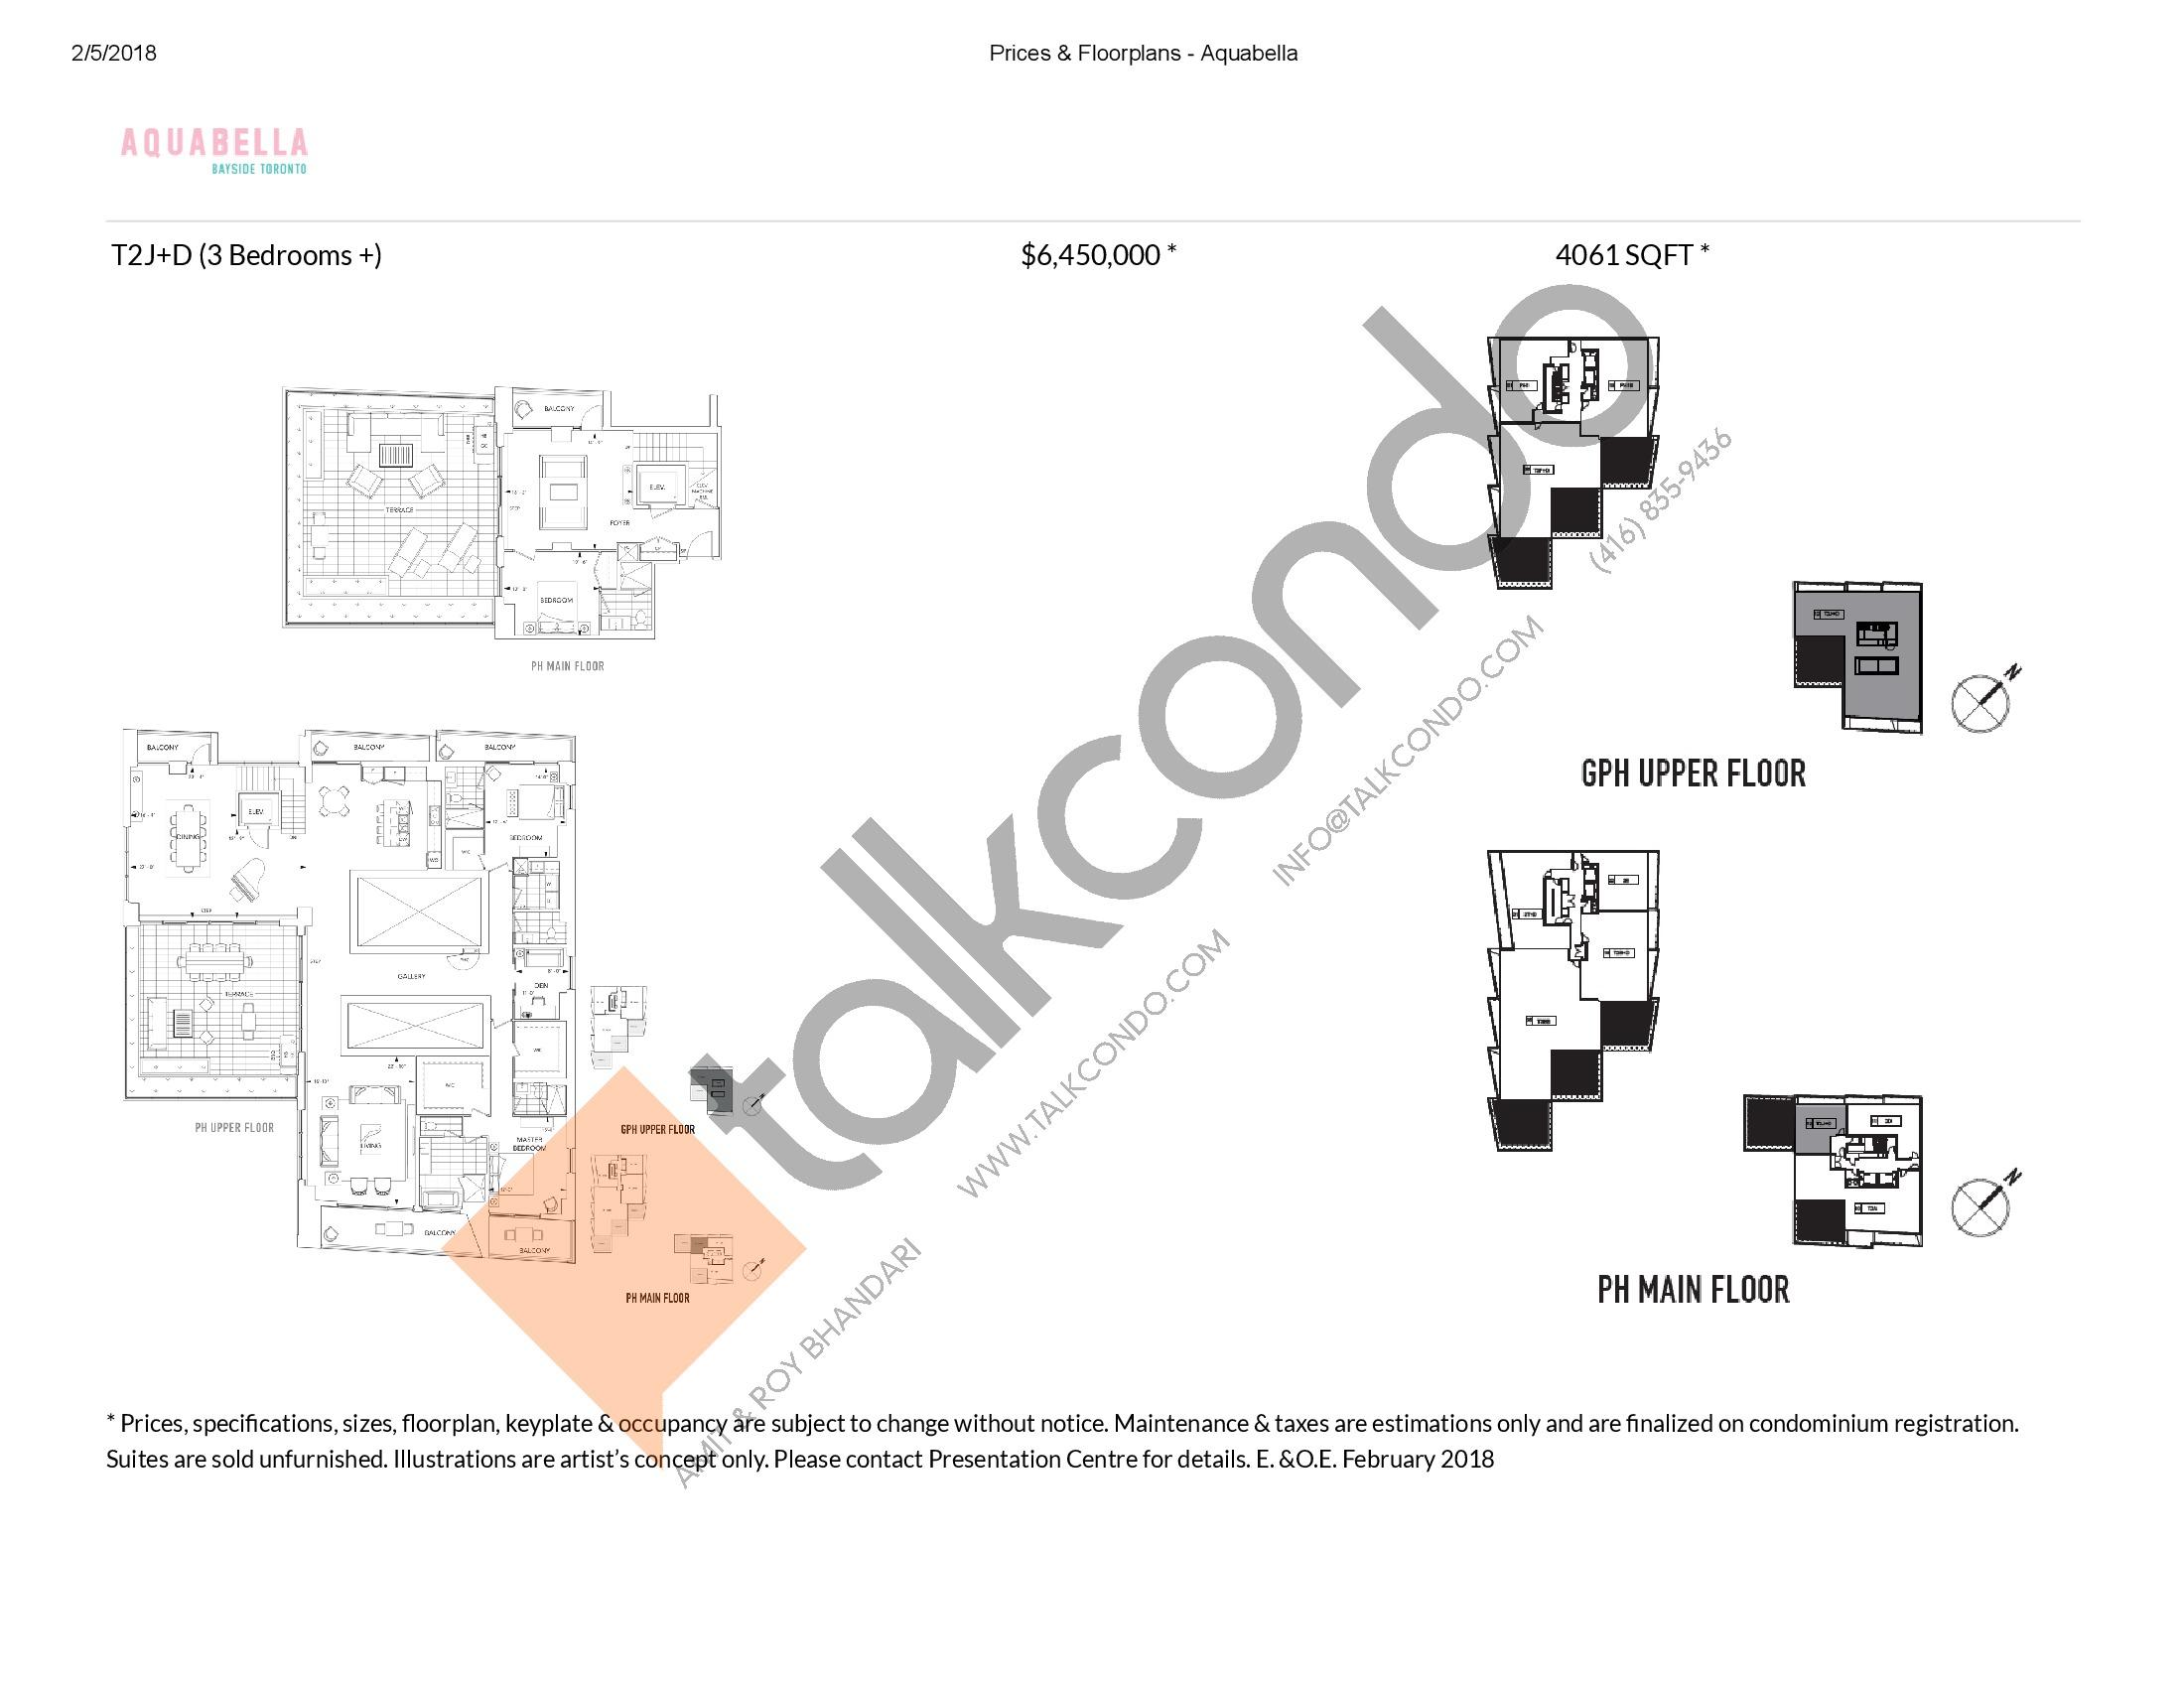 Suite T2J+D Floor Plan at Aquabella Condos - 4061 sq.ft